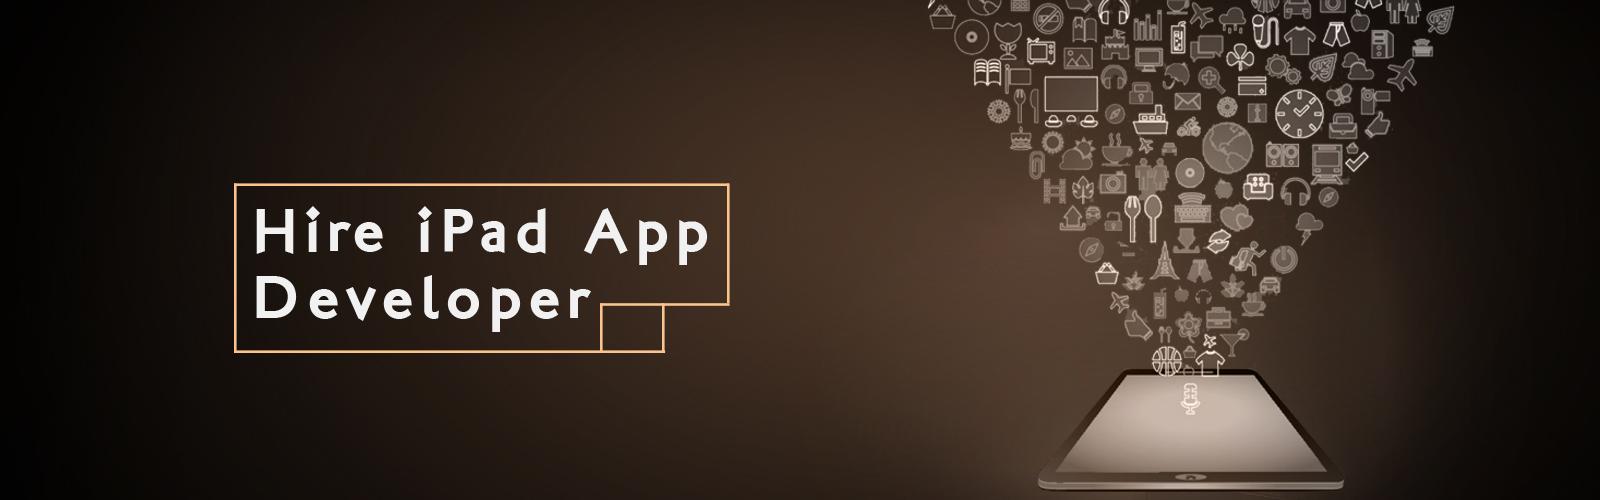 Hire iPad App Developer